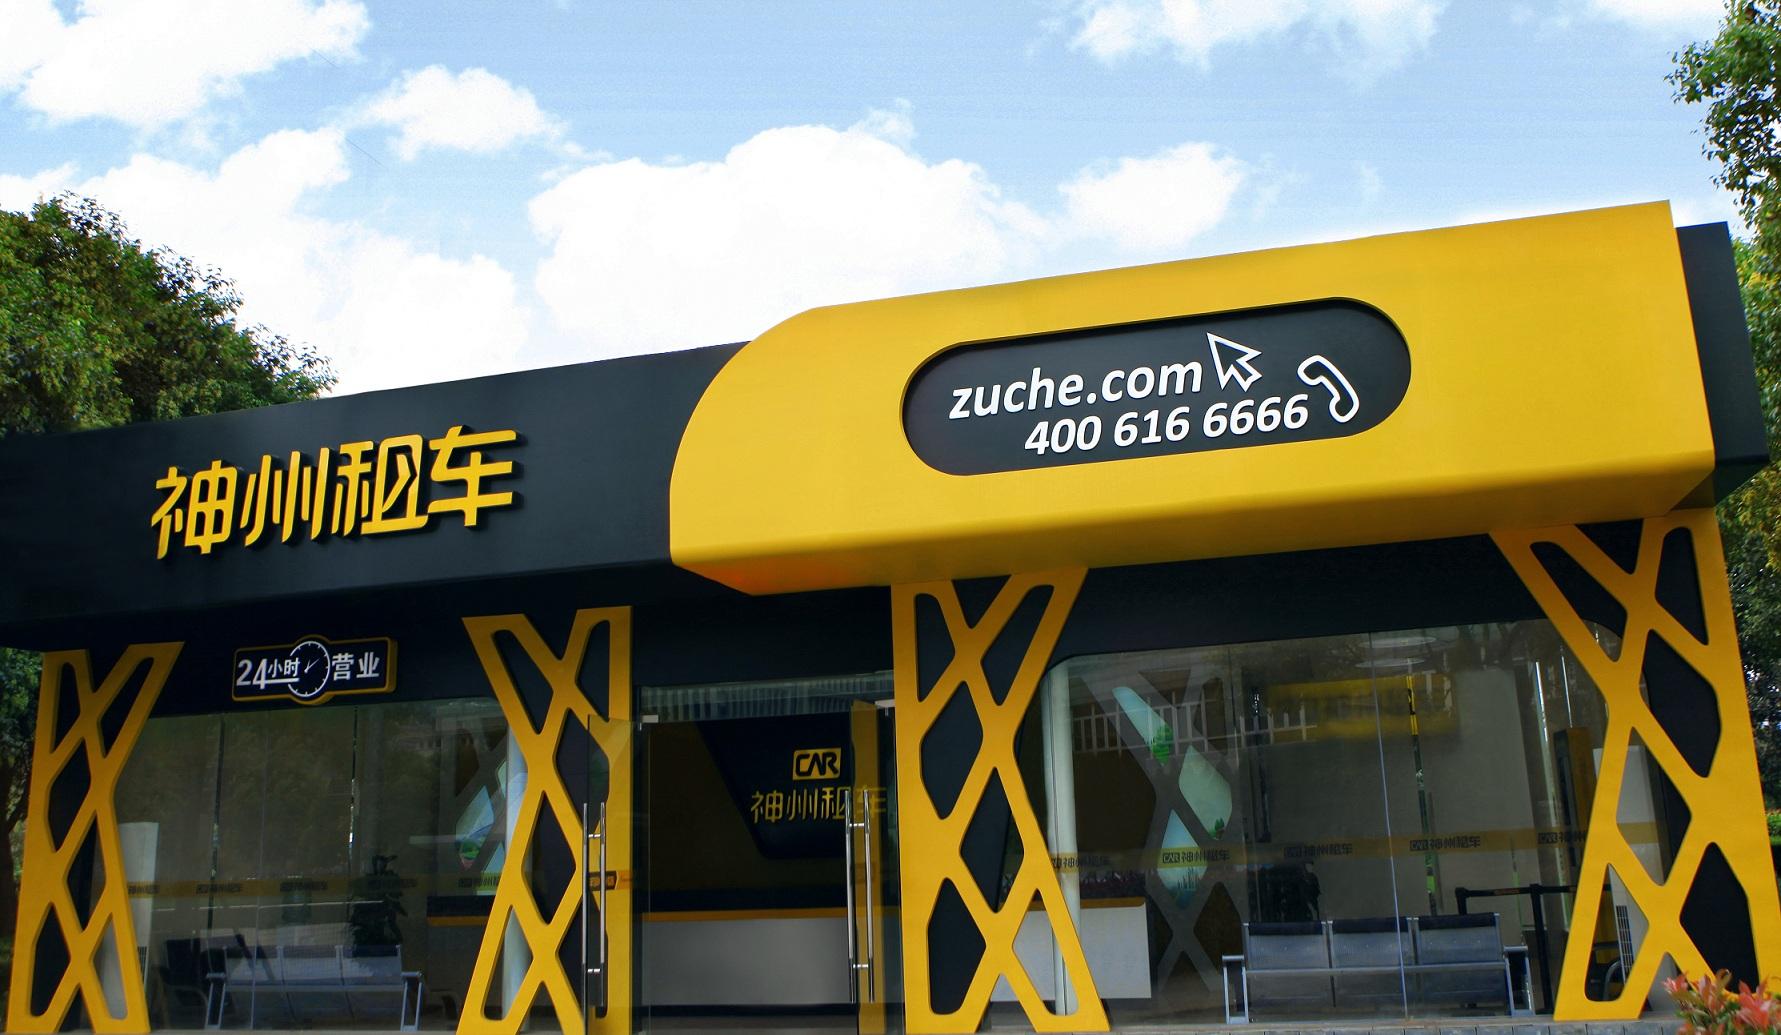 台湾宾果计划软件一季度营收15.96亿 净利增14%